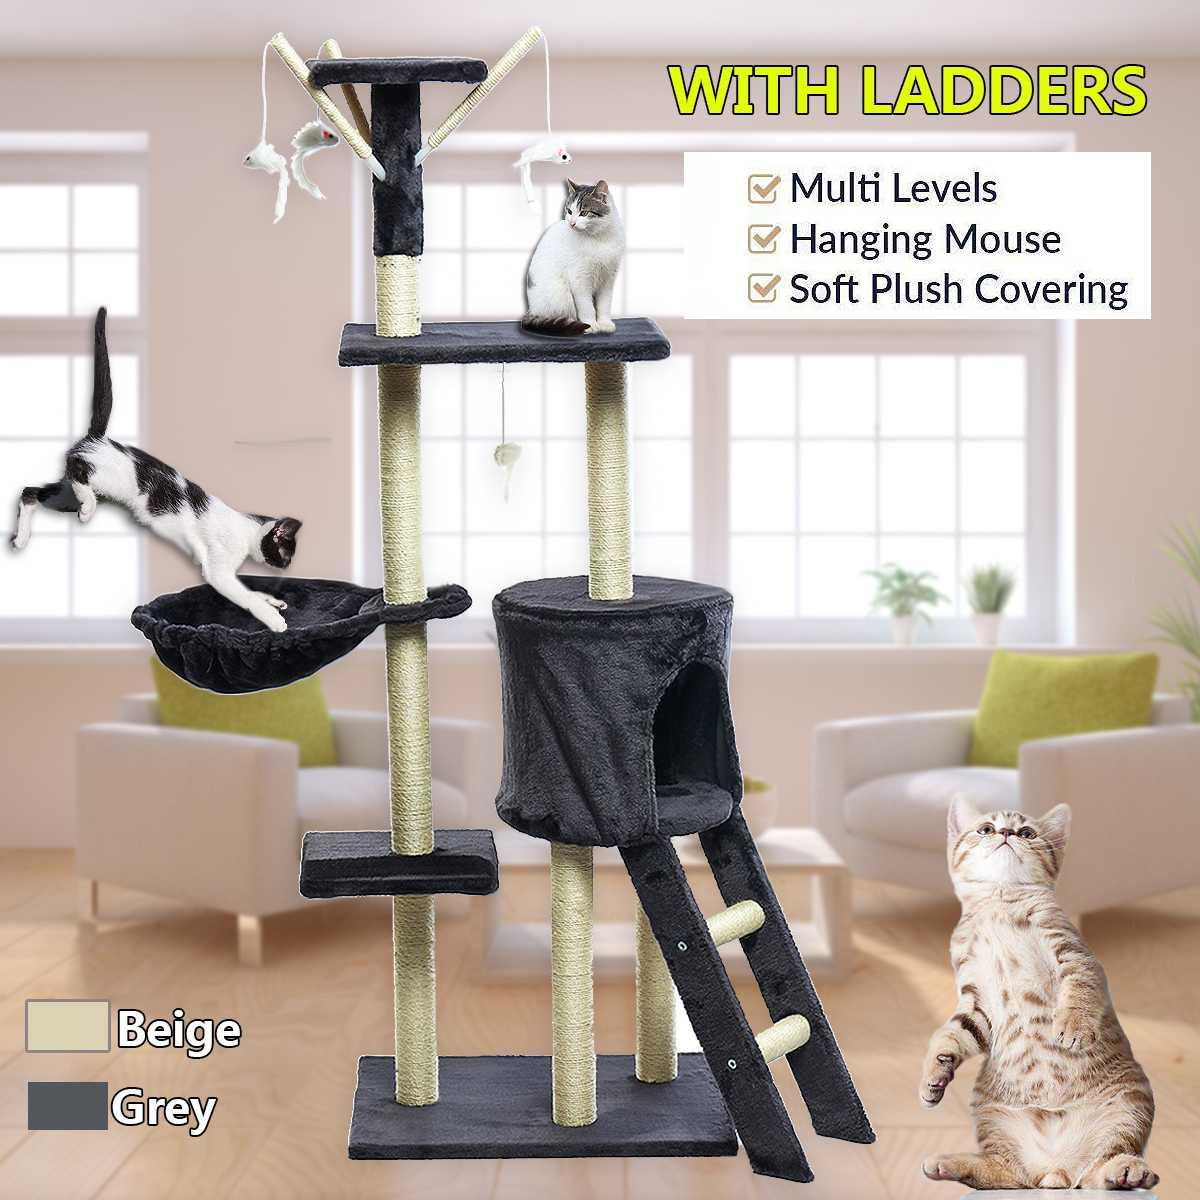 Кошка скалолазание рамка Кошка Когтеточка дерево скребок полюс мебель тренажерный зал дом игрушка для прыжков кошек платформа 50*35*140 см